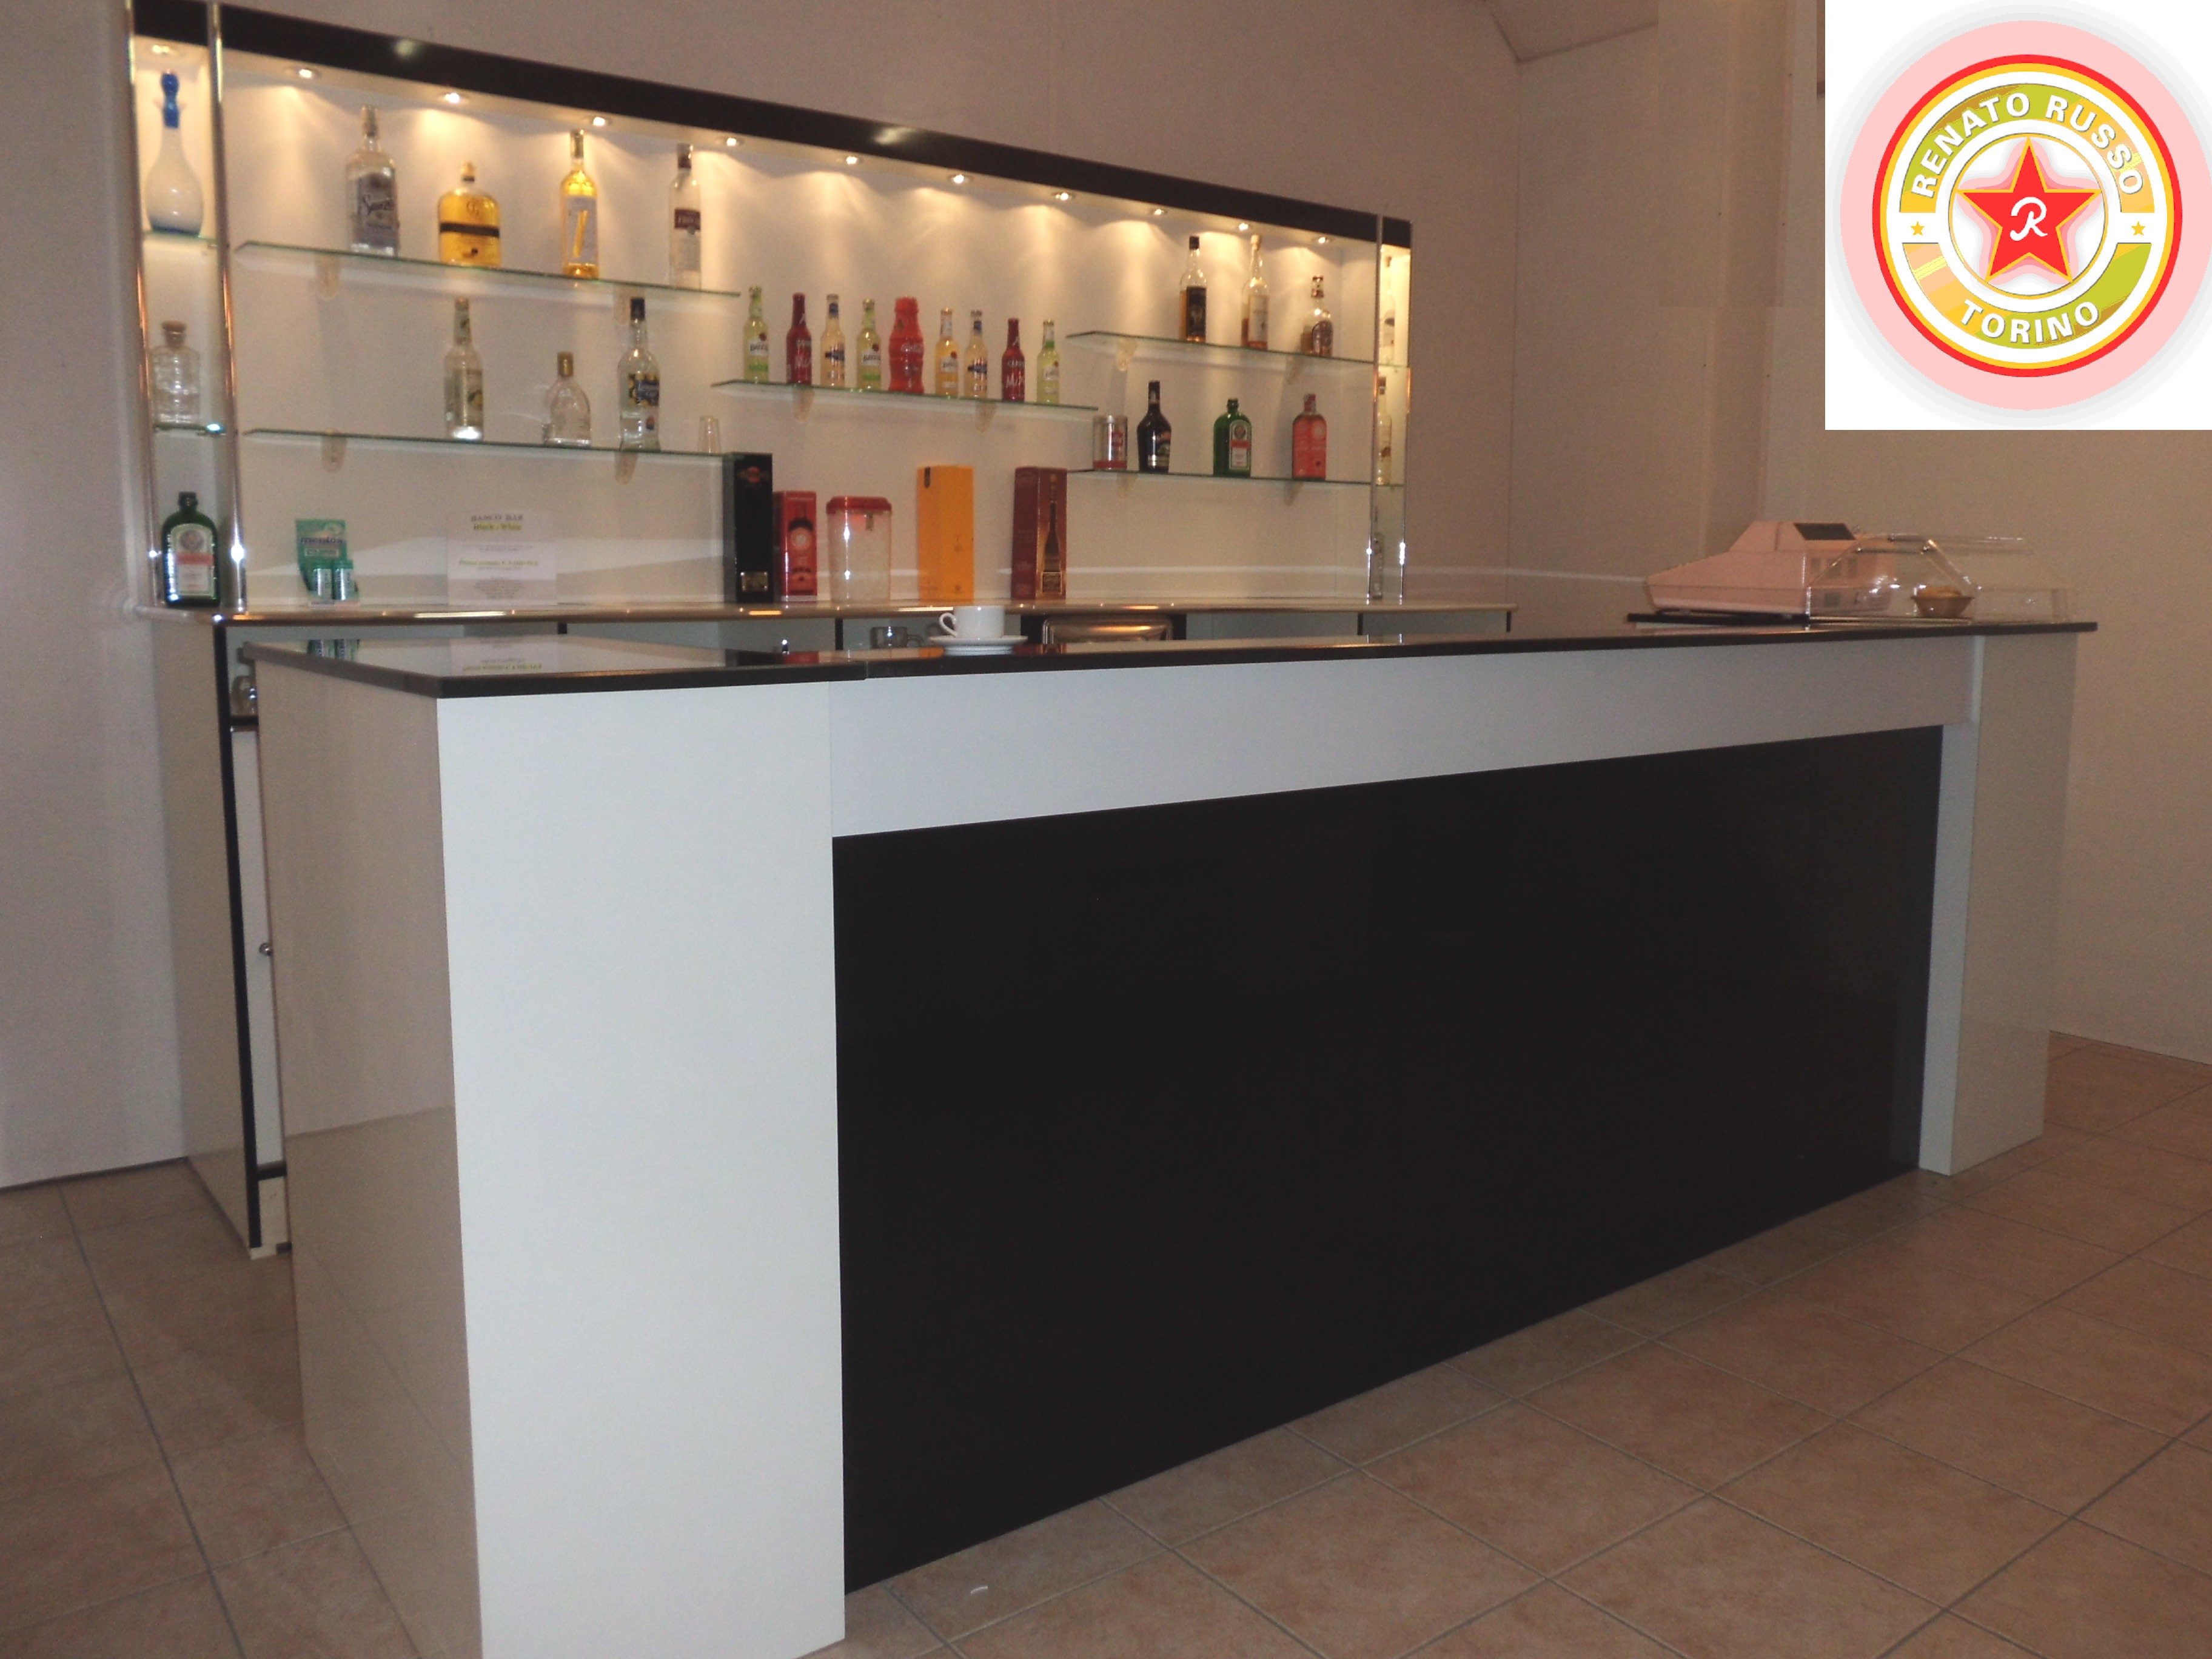 Banchi frigo dal 1980 produttori di banchi frigo for Banconi bar usati roma